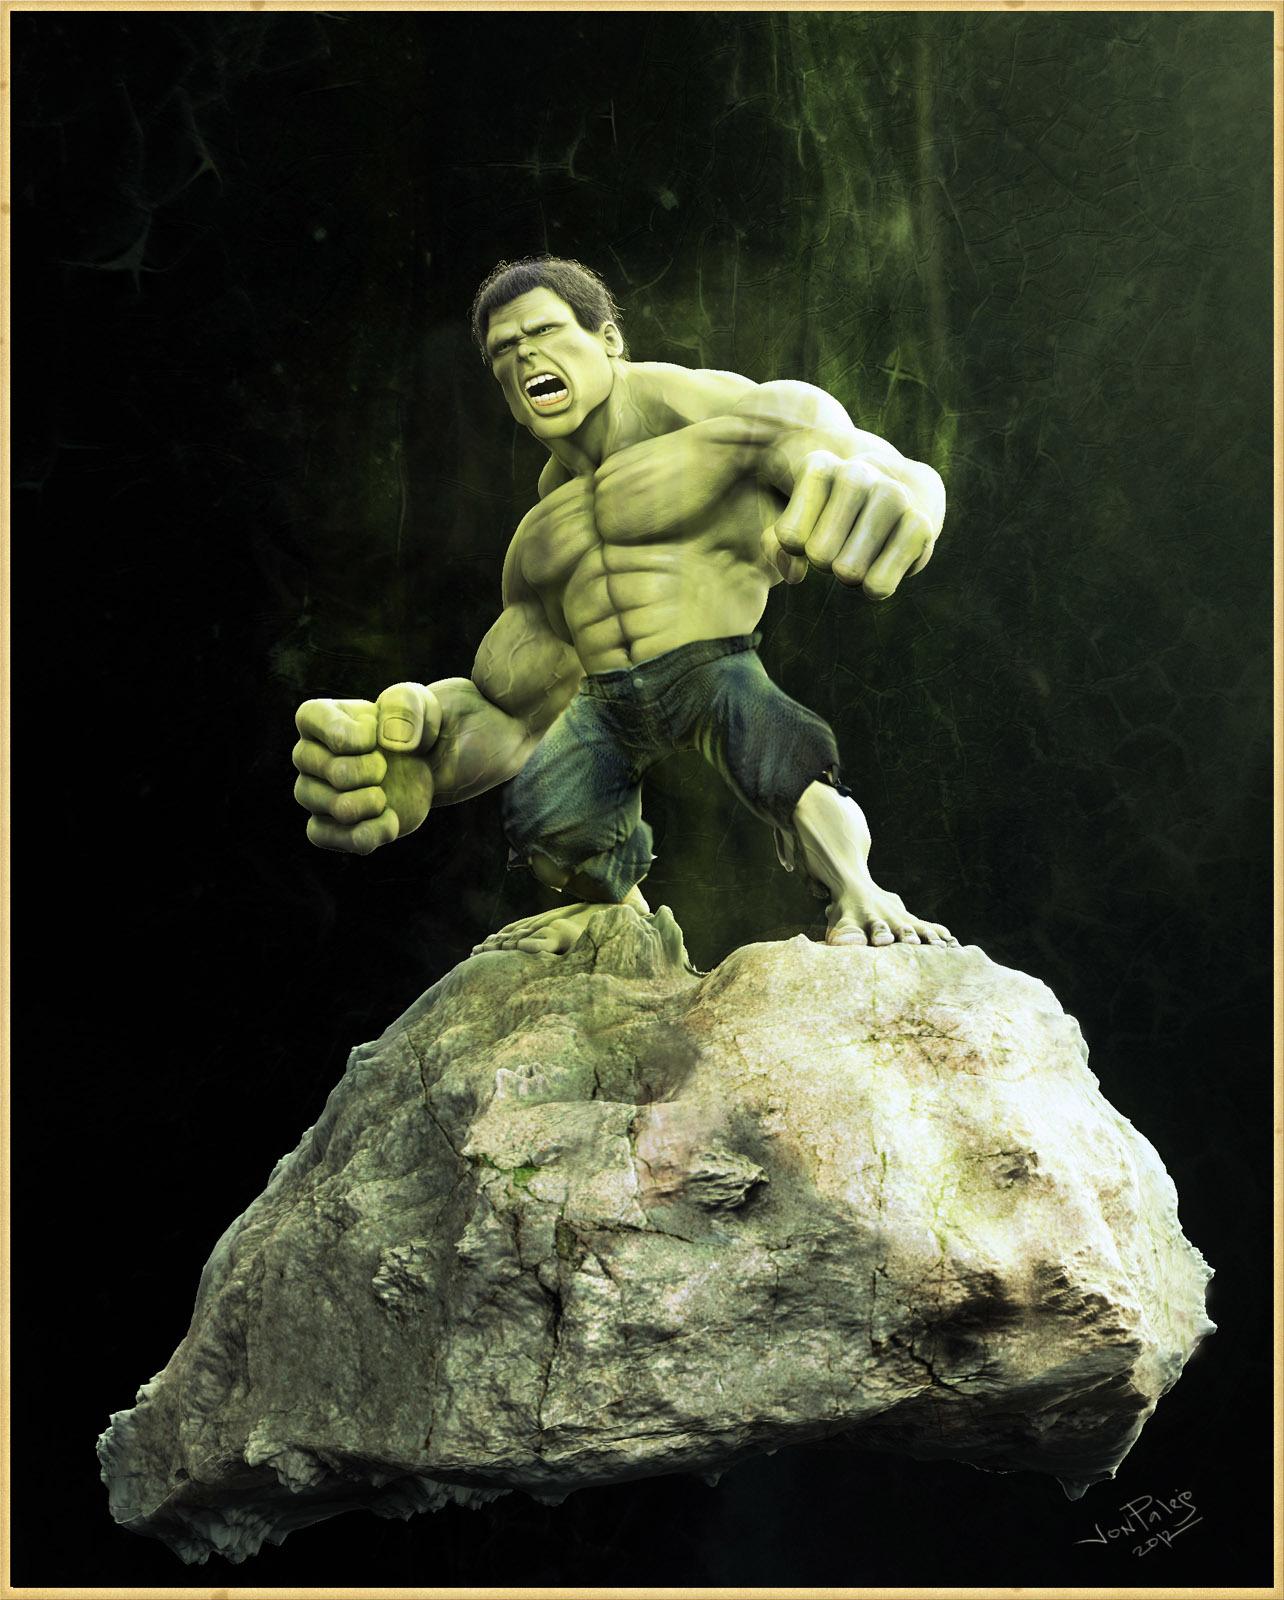 Jonamar hulk 1 5e63c290 vuvf